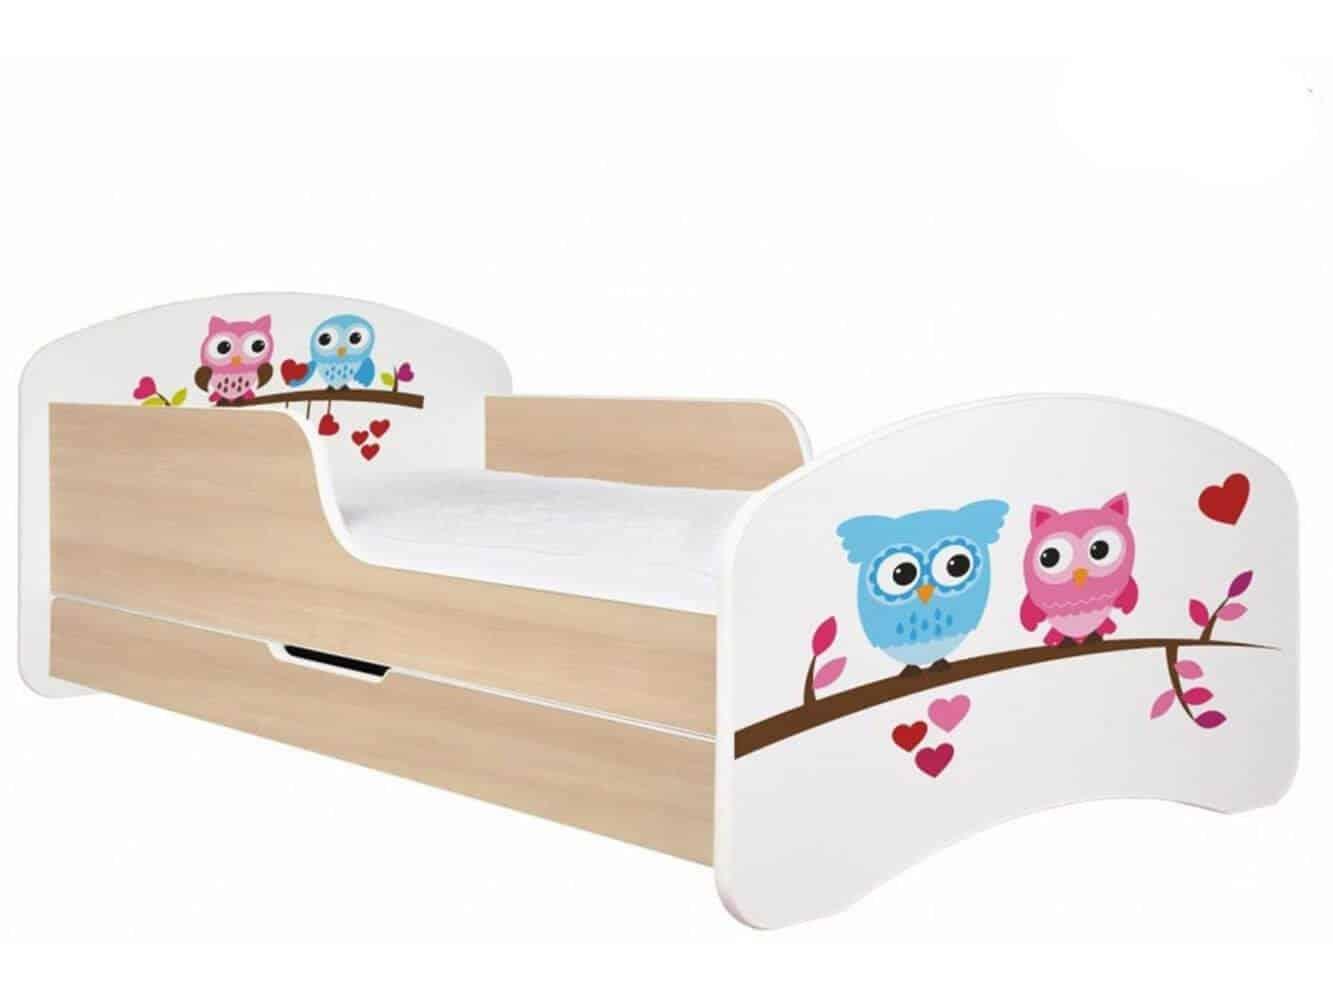 kinderbett m dchen. Black Bedroom Furniture Sets. Home Design Ideas